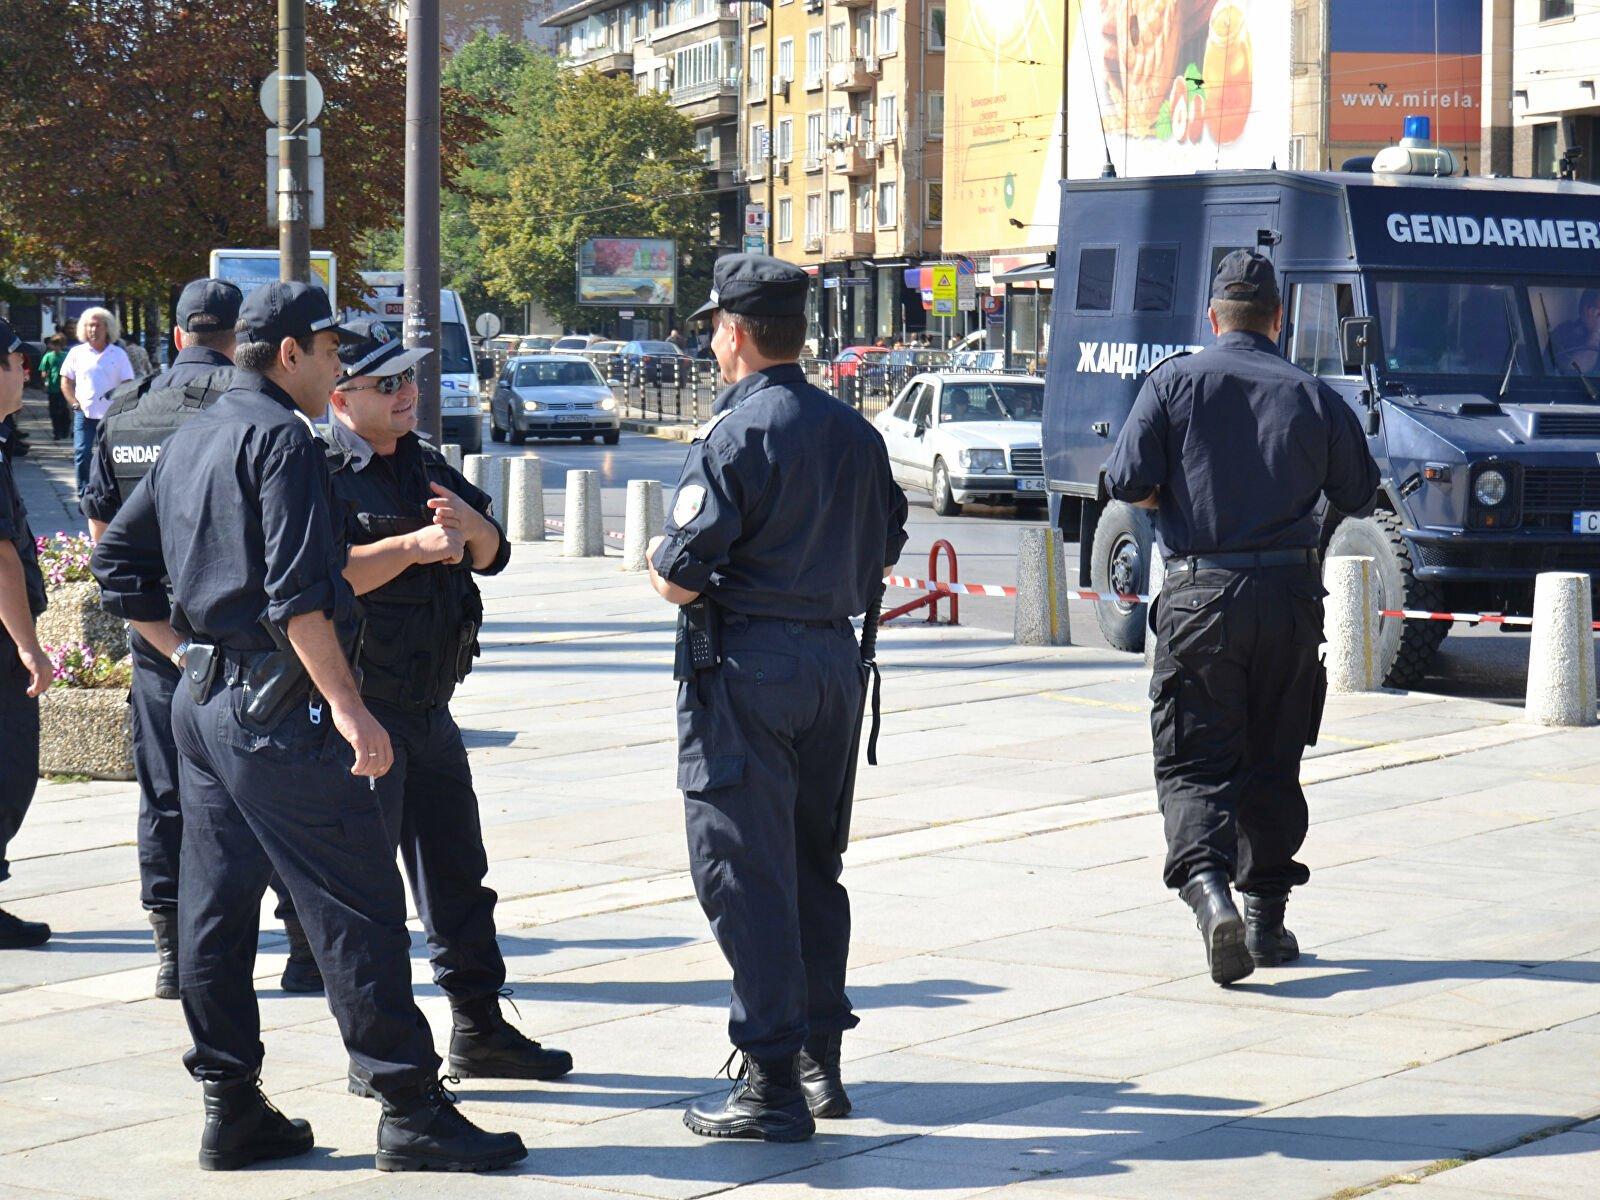 В Болгарии задержаны чиновники, шпионившие в пользу России: детали спецоперации